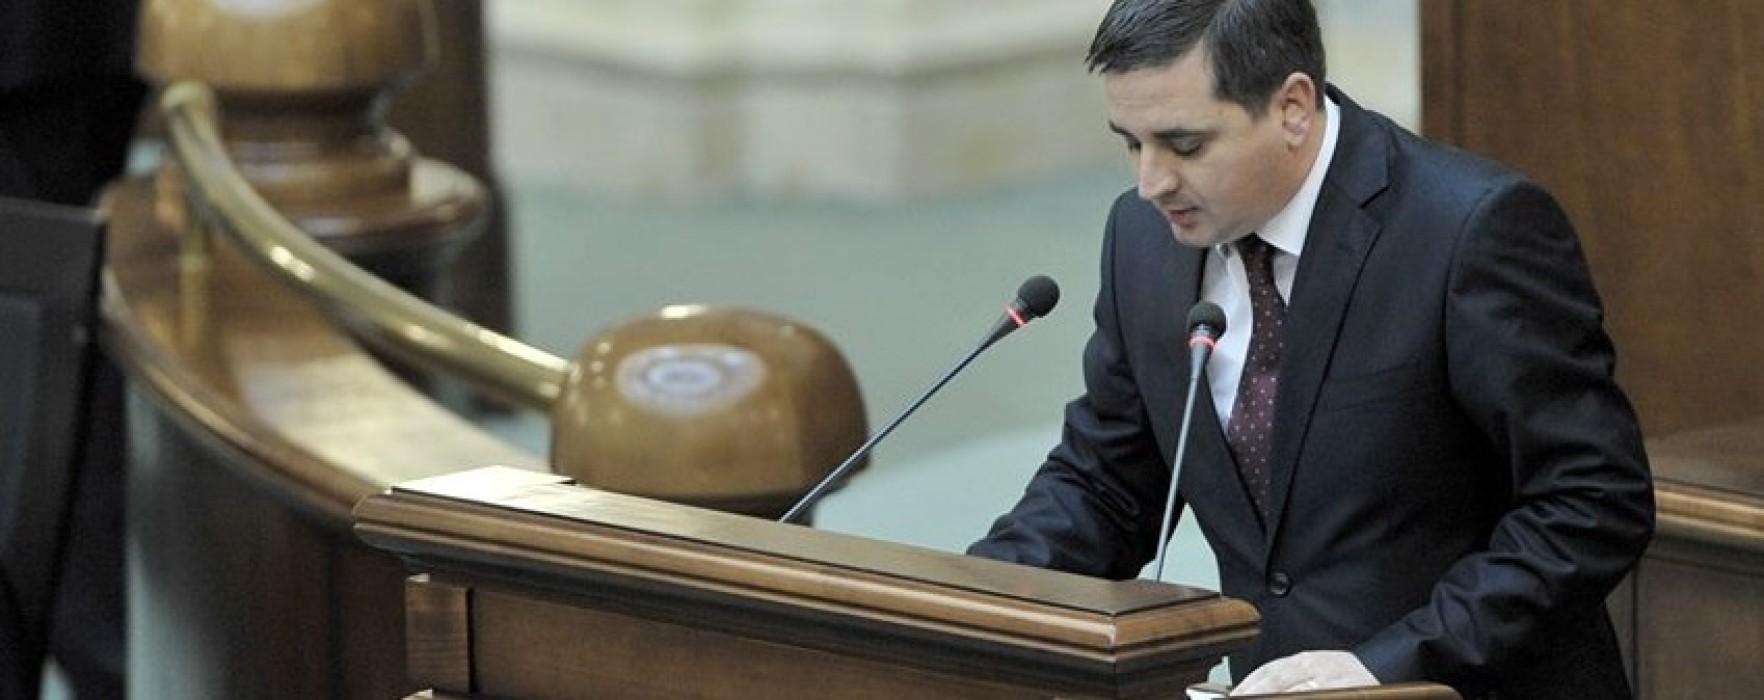 DNA: Senatorul Ovidiu Marius Isăilă, urmărit penal pentru trafic de influenţă